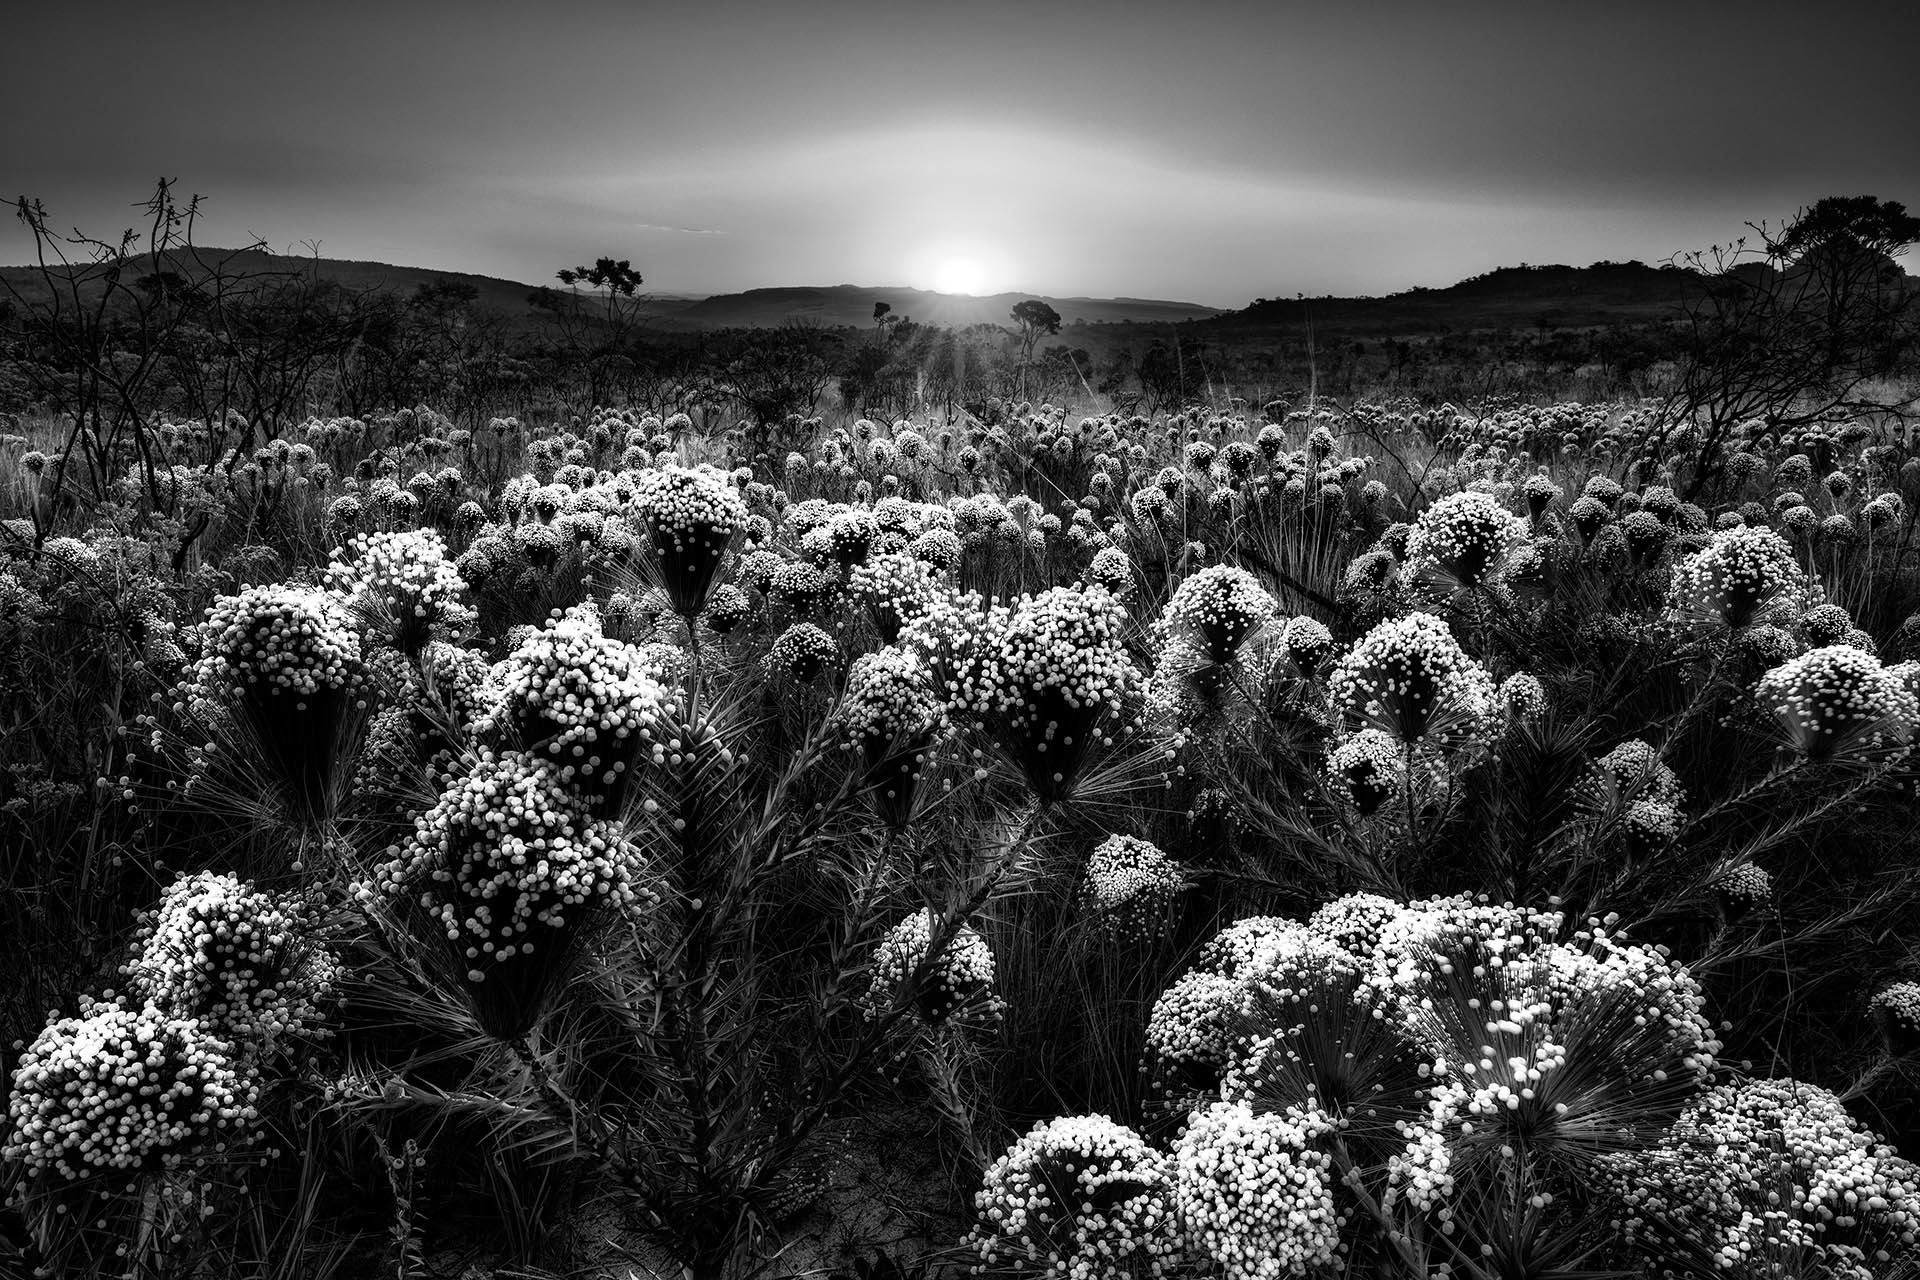 Заход солнца в Серрадо, © Марсио Кабрал, 3-е место, Фотоконкурс «Международный садовый фотограф года»